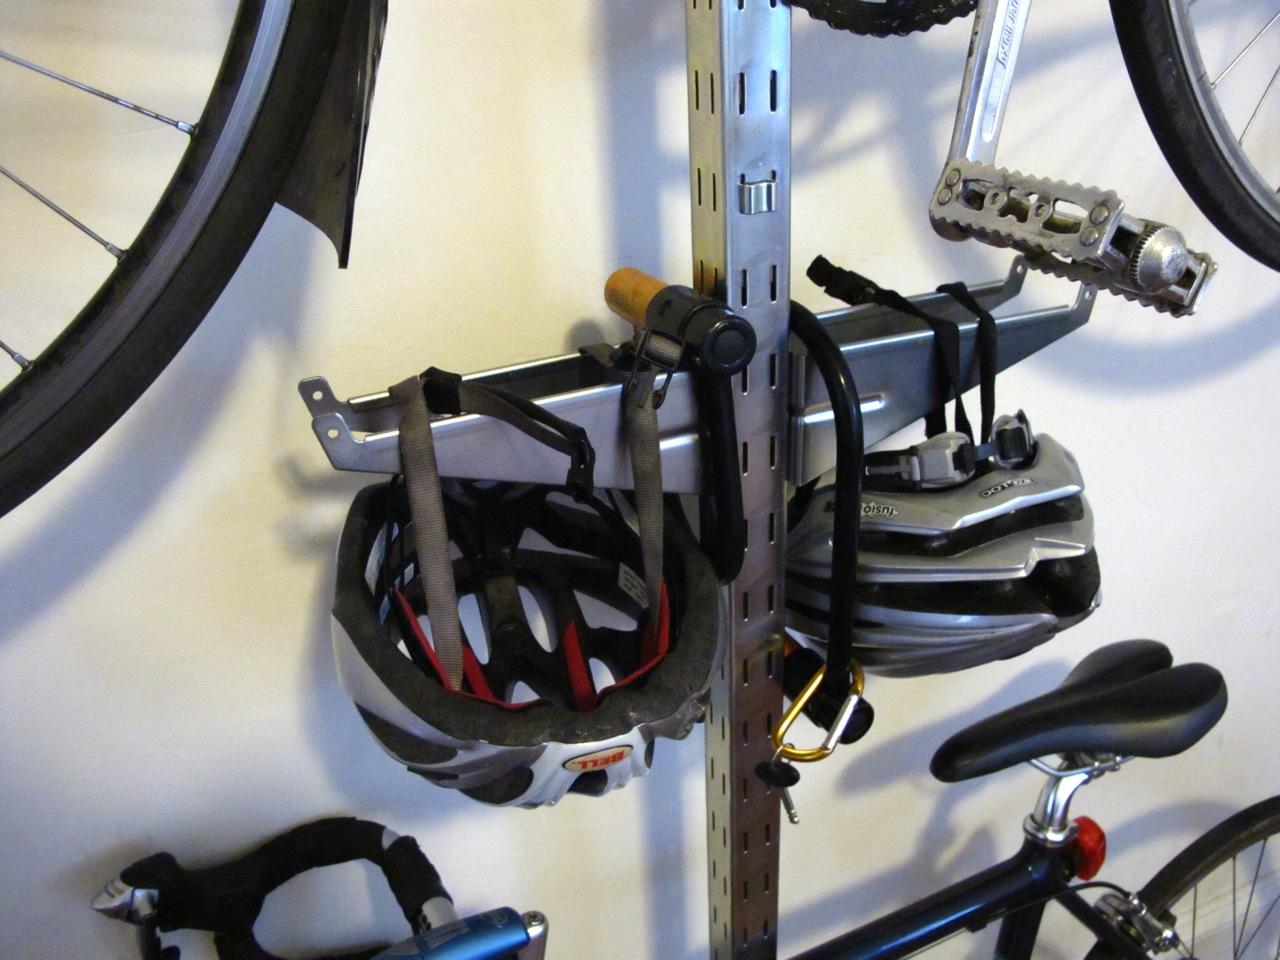 Ikea Hacker Broder Bike Hack